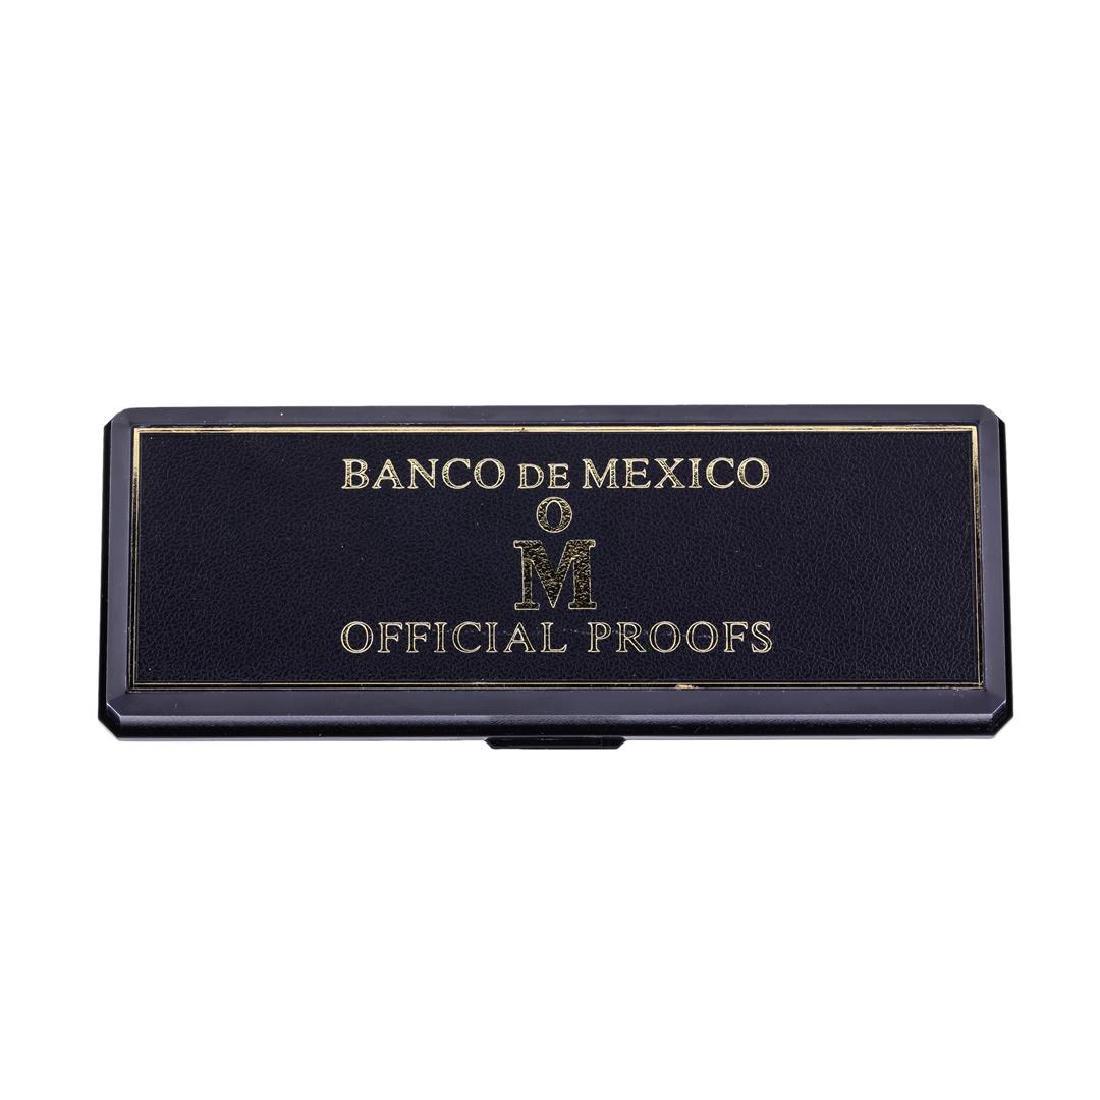 1985 Banco de Mexico Gold & Silver Proof (2) Coin Set - 3